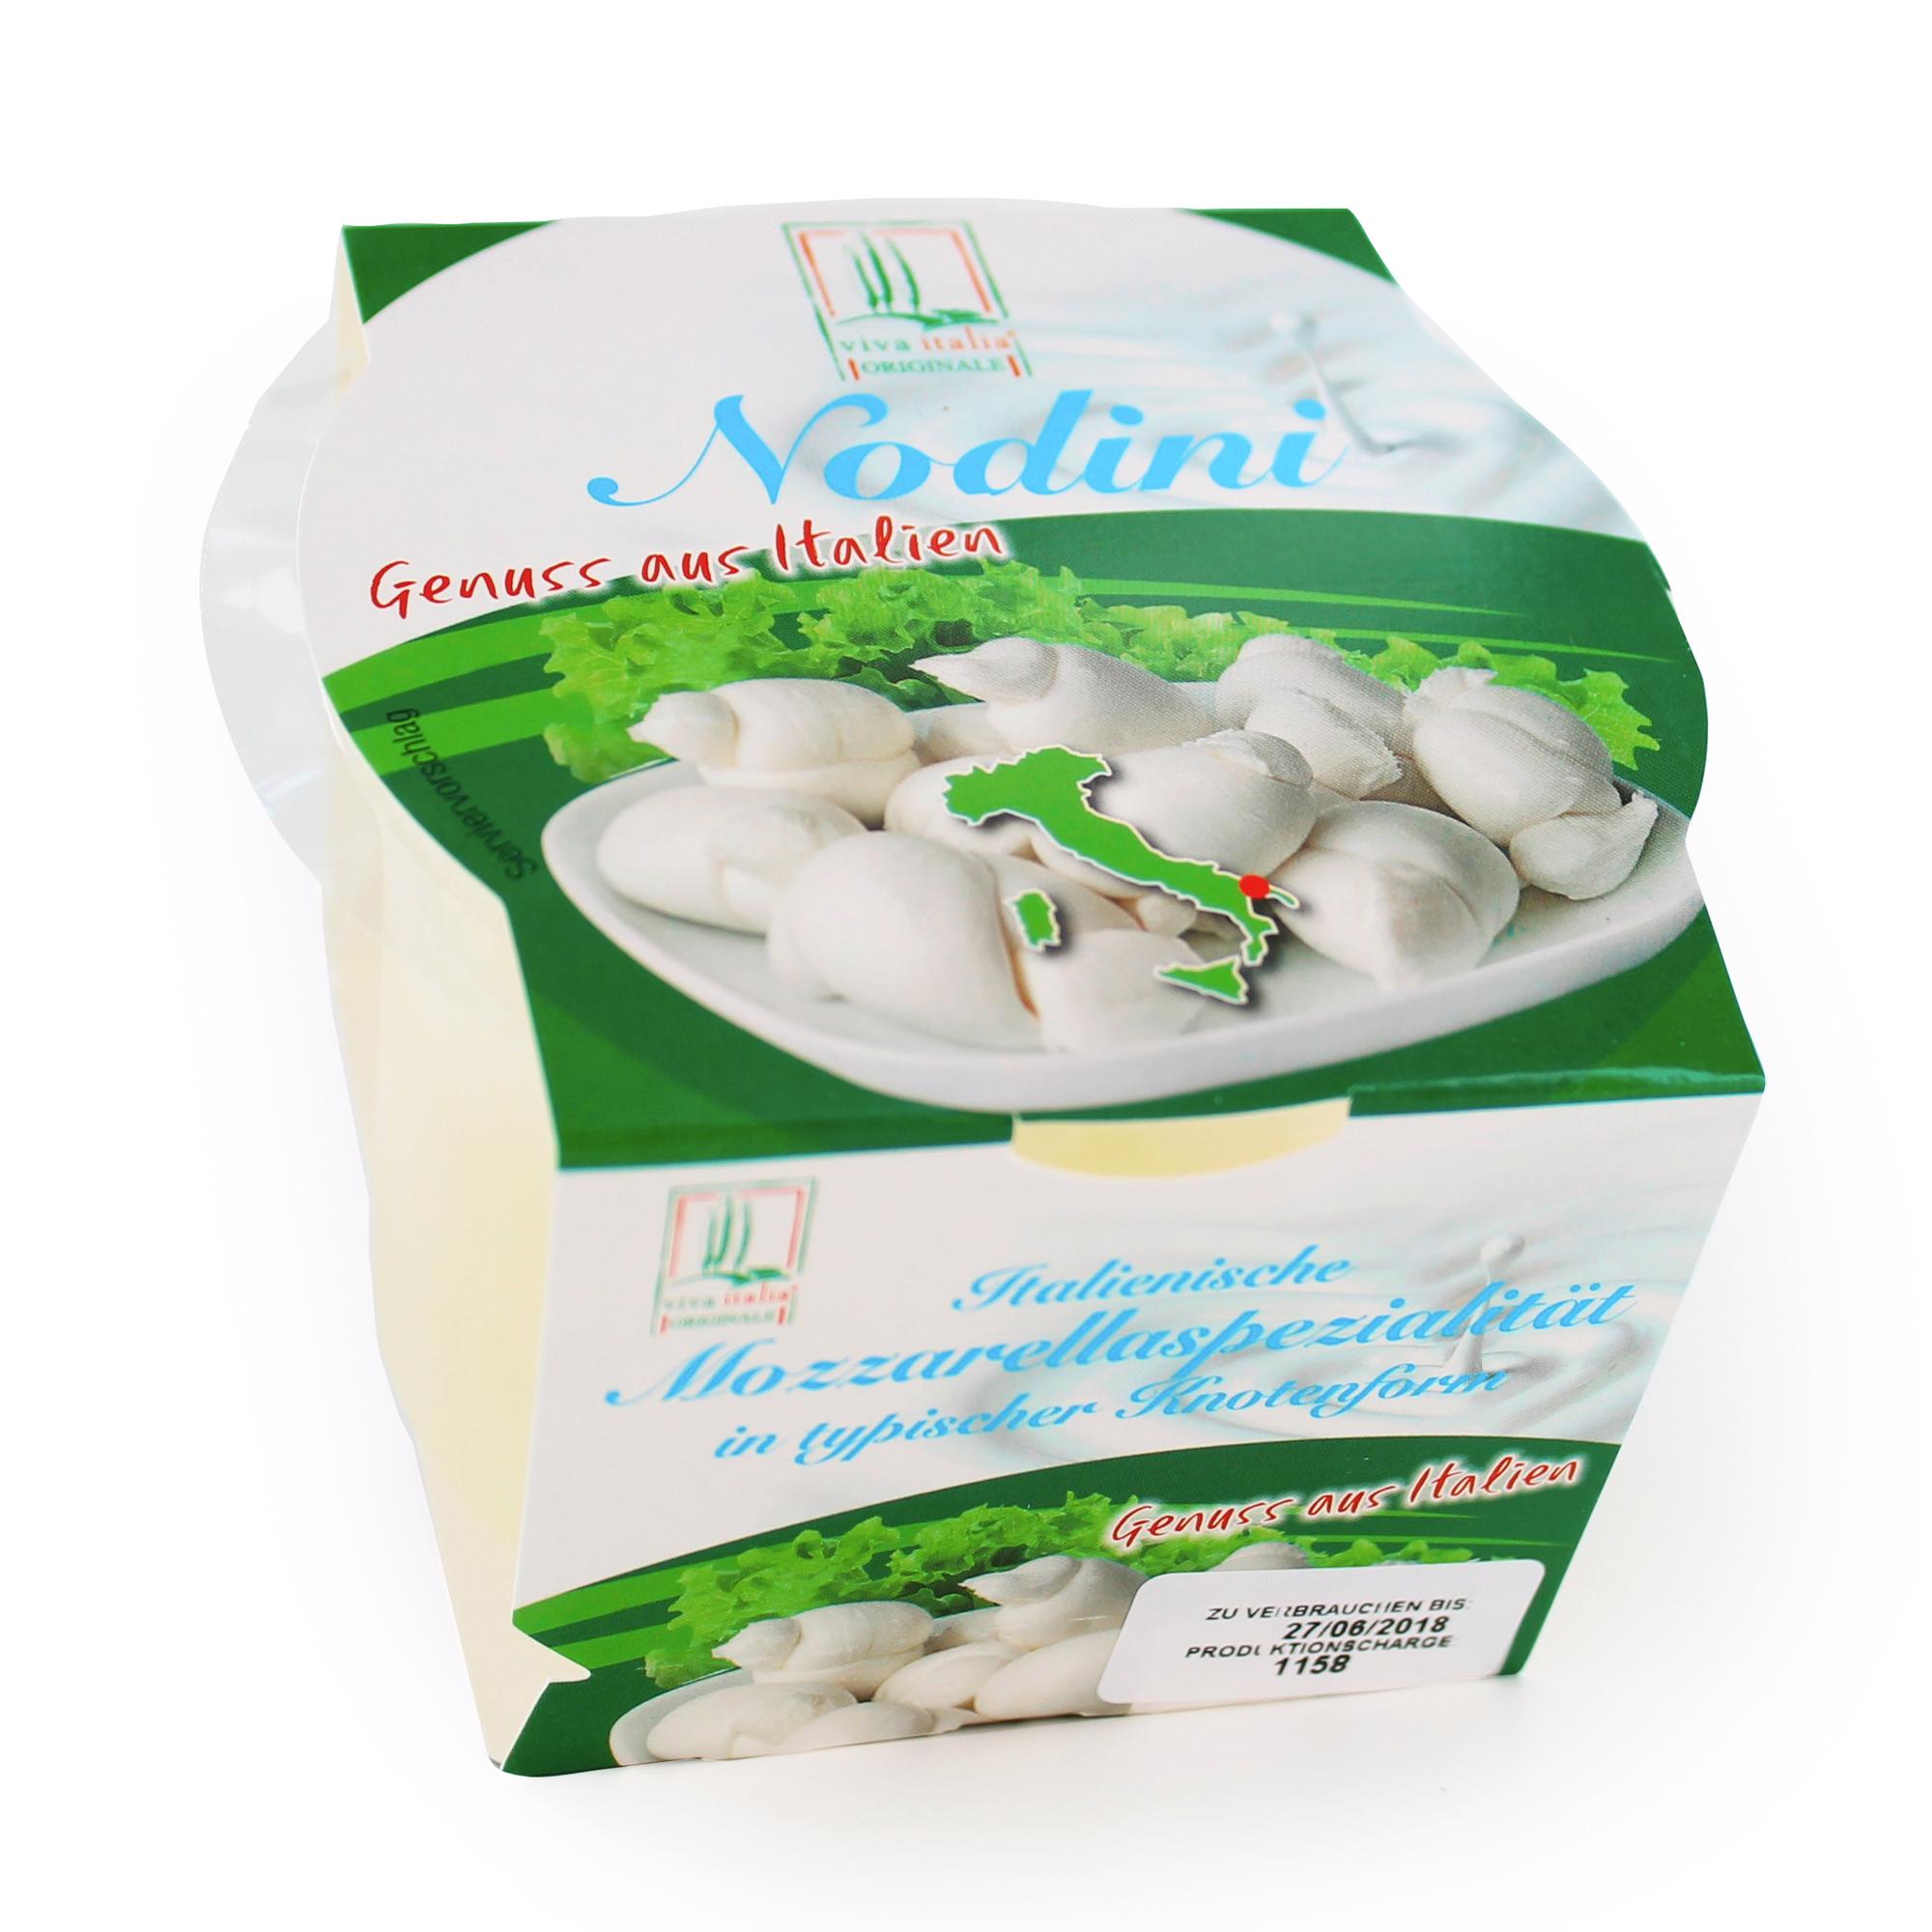 ViVa Italia Nodini Mozzarella 125g